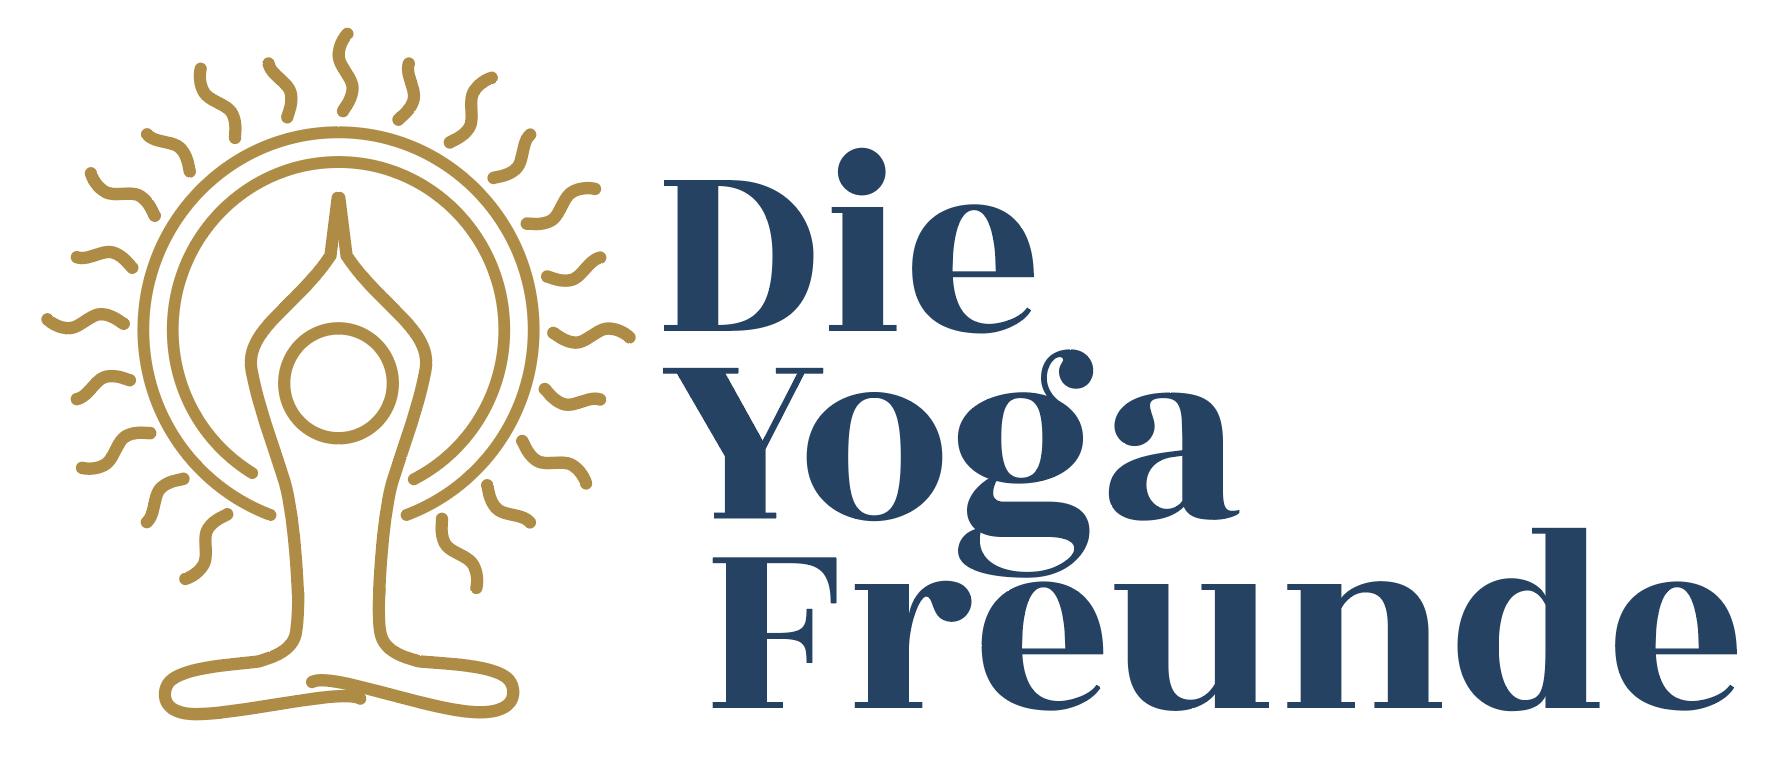 Die Yoga Freunde • Dirk Beyer